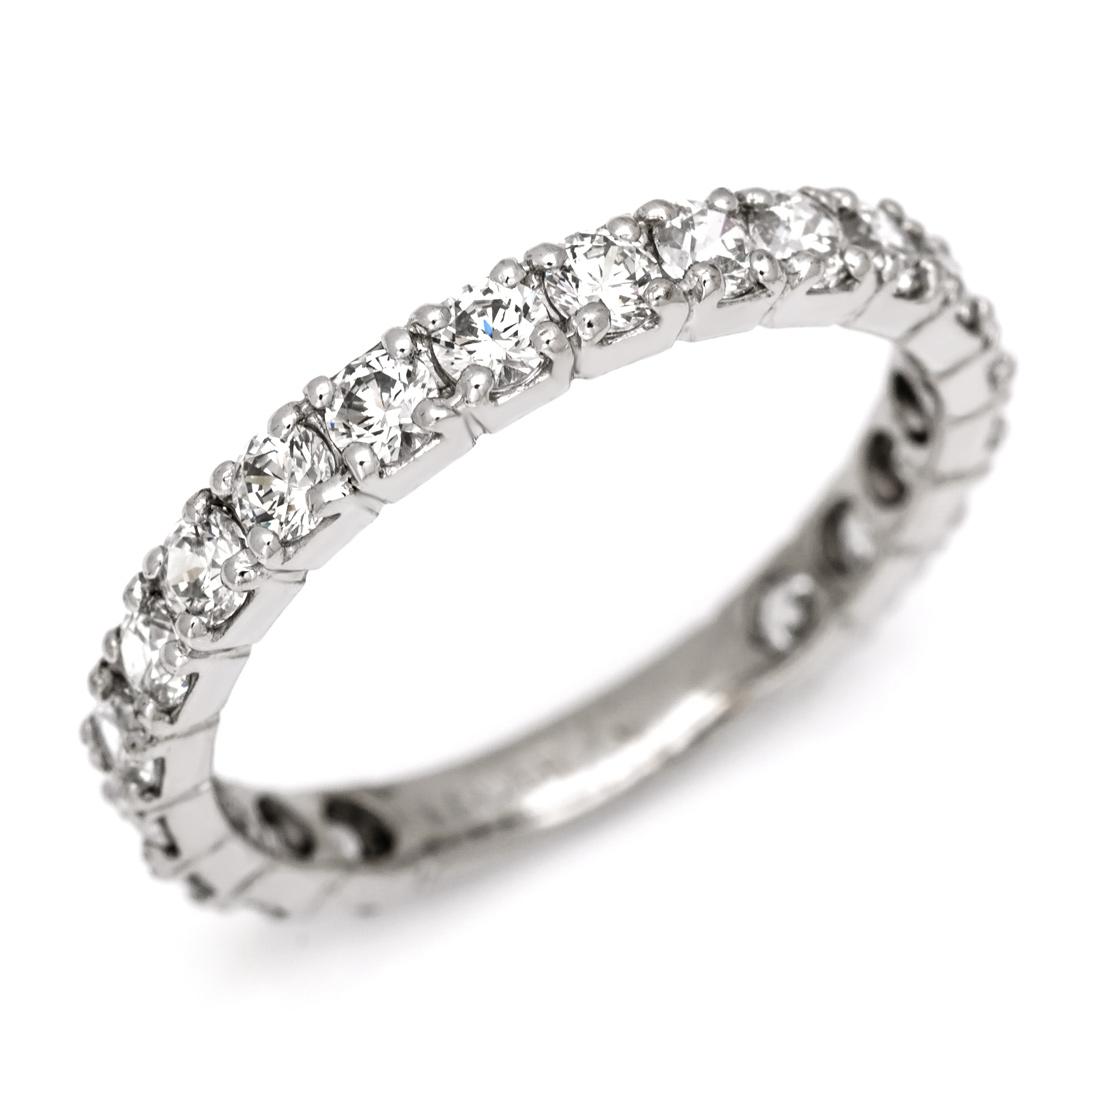 【GWクーポン配布中】エタニティーリング ダイヤモンド 1カラット ゴールド K18 送料無料